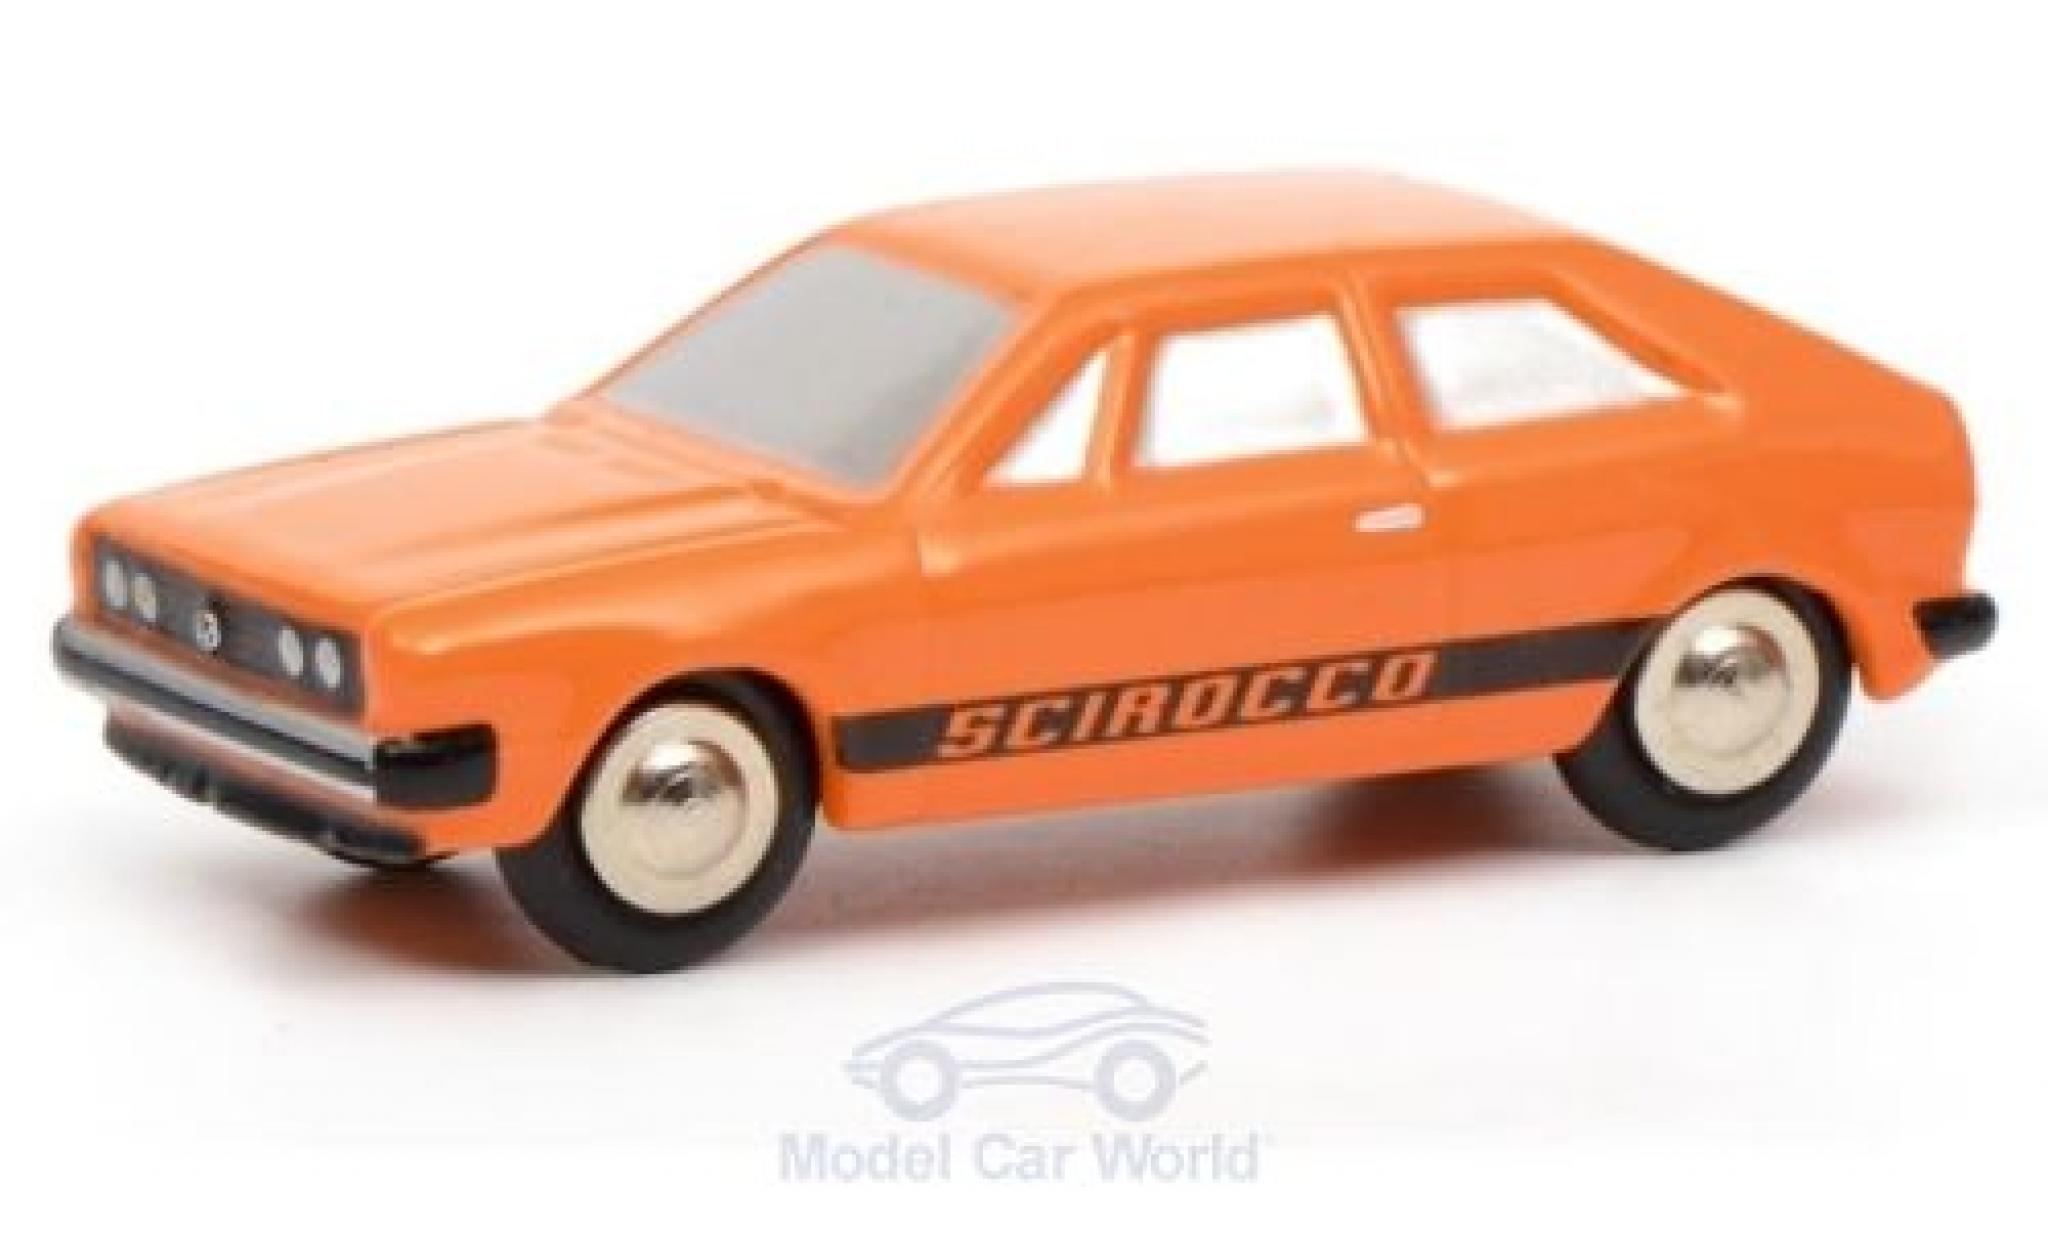 Volkswagen Scirocco 1/90 Schuco I orange